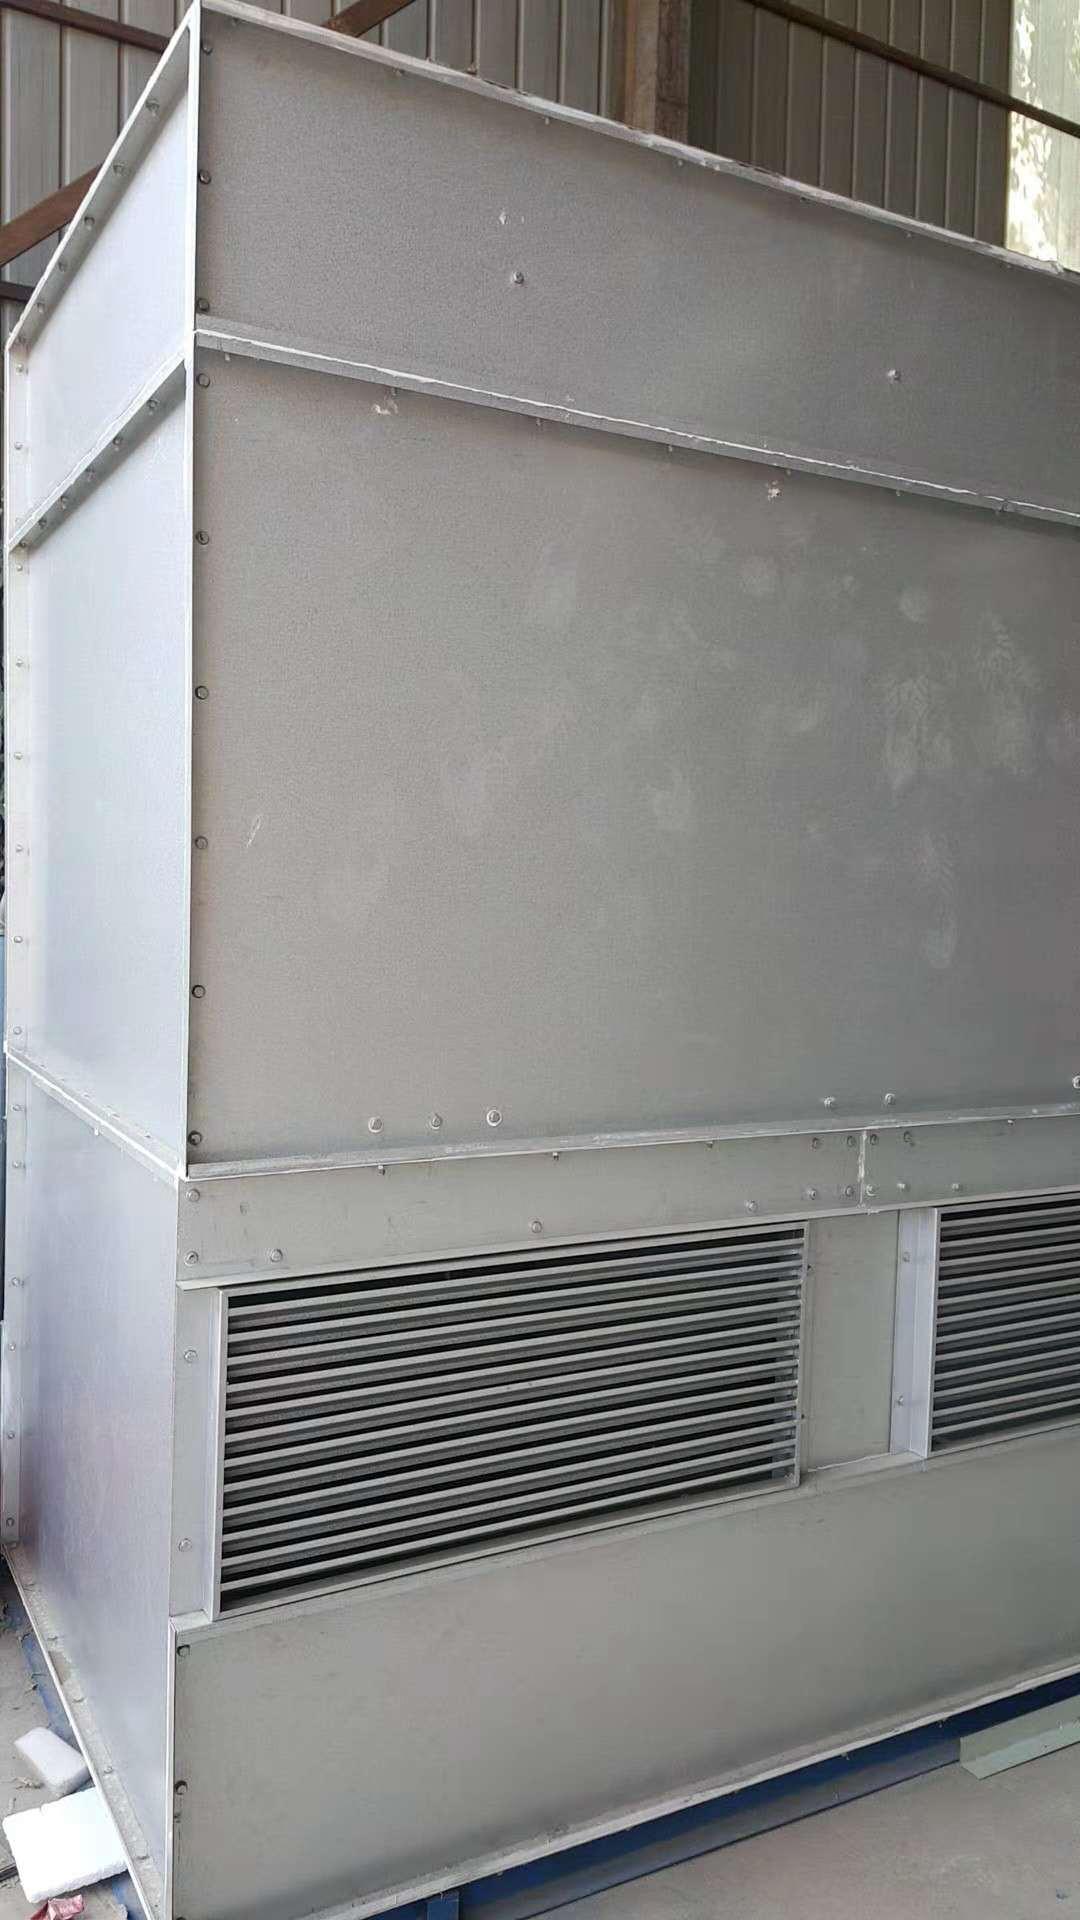 供应纯净水冷却塔-中频电源纯净水冷却塔直销-中频电源专用纯净水冷却